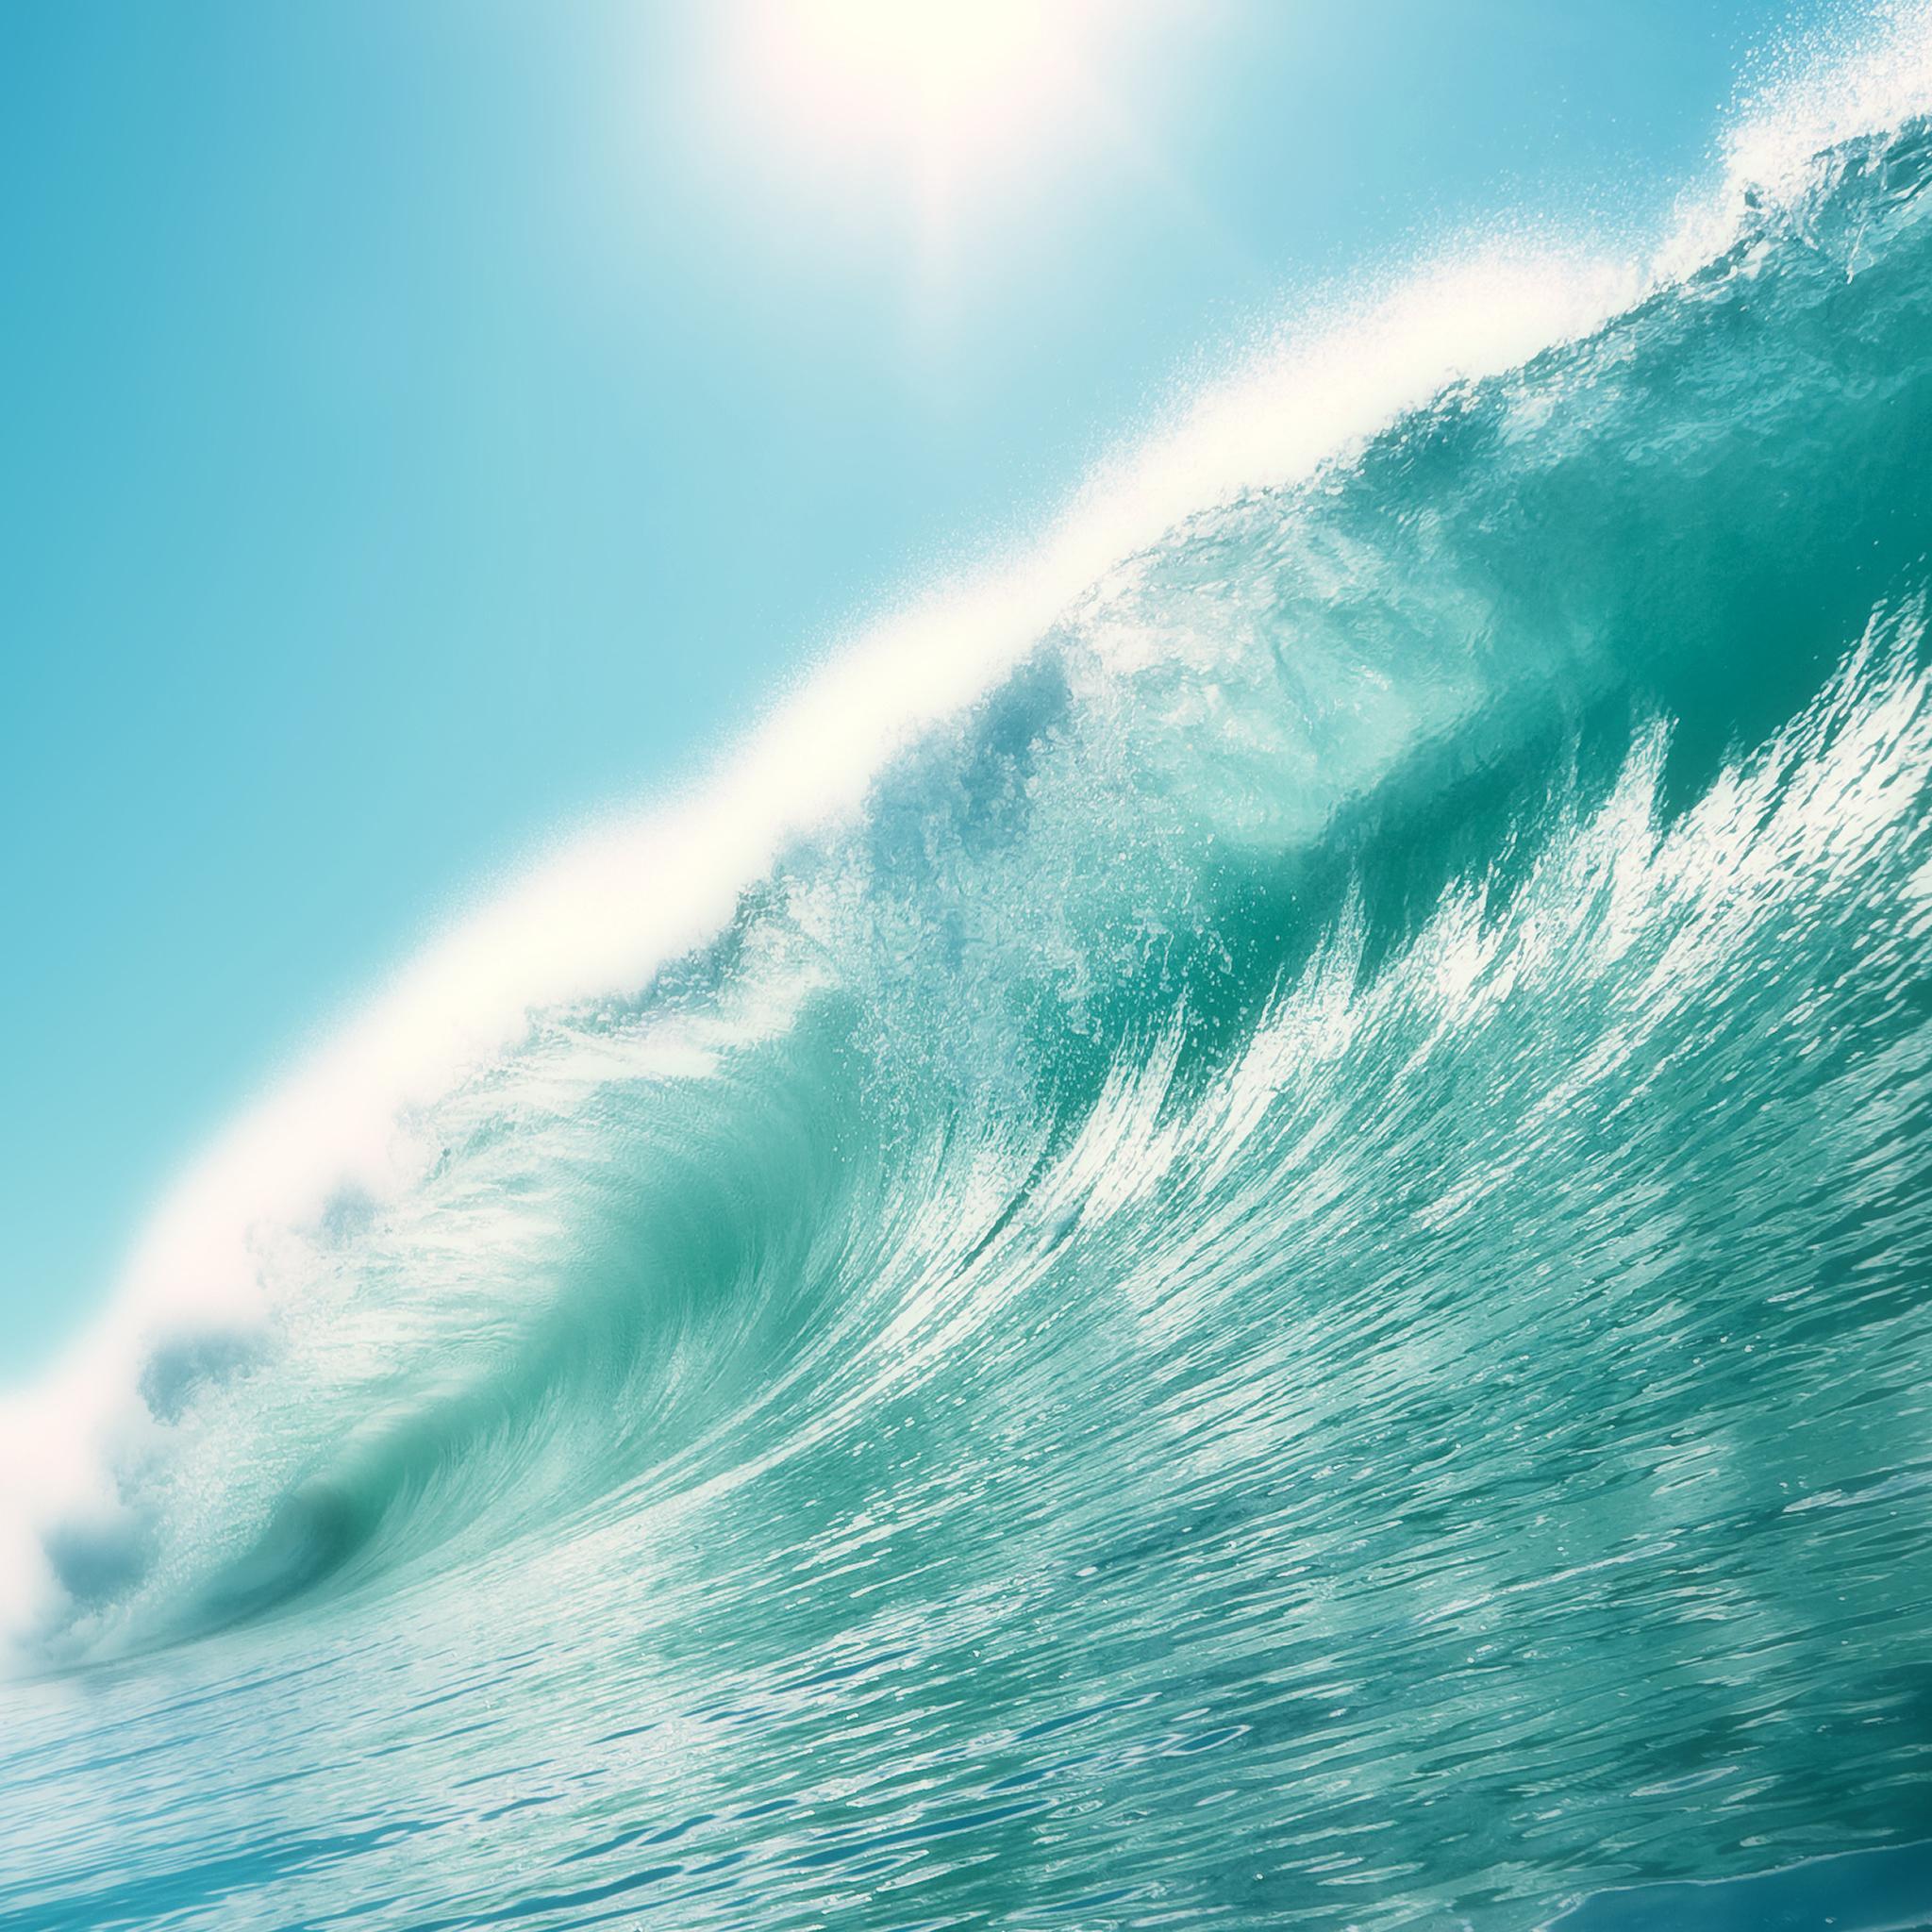 Retina Wallpaper Beach Waves - HD Desktop Wallpapers